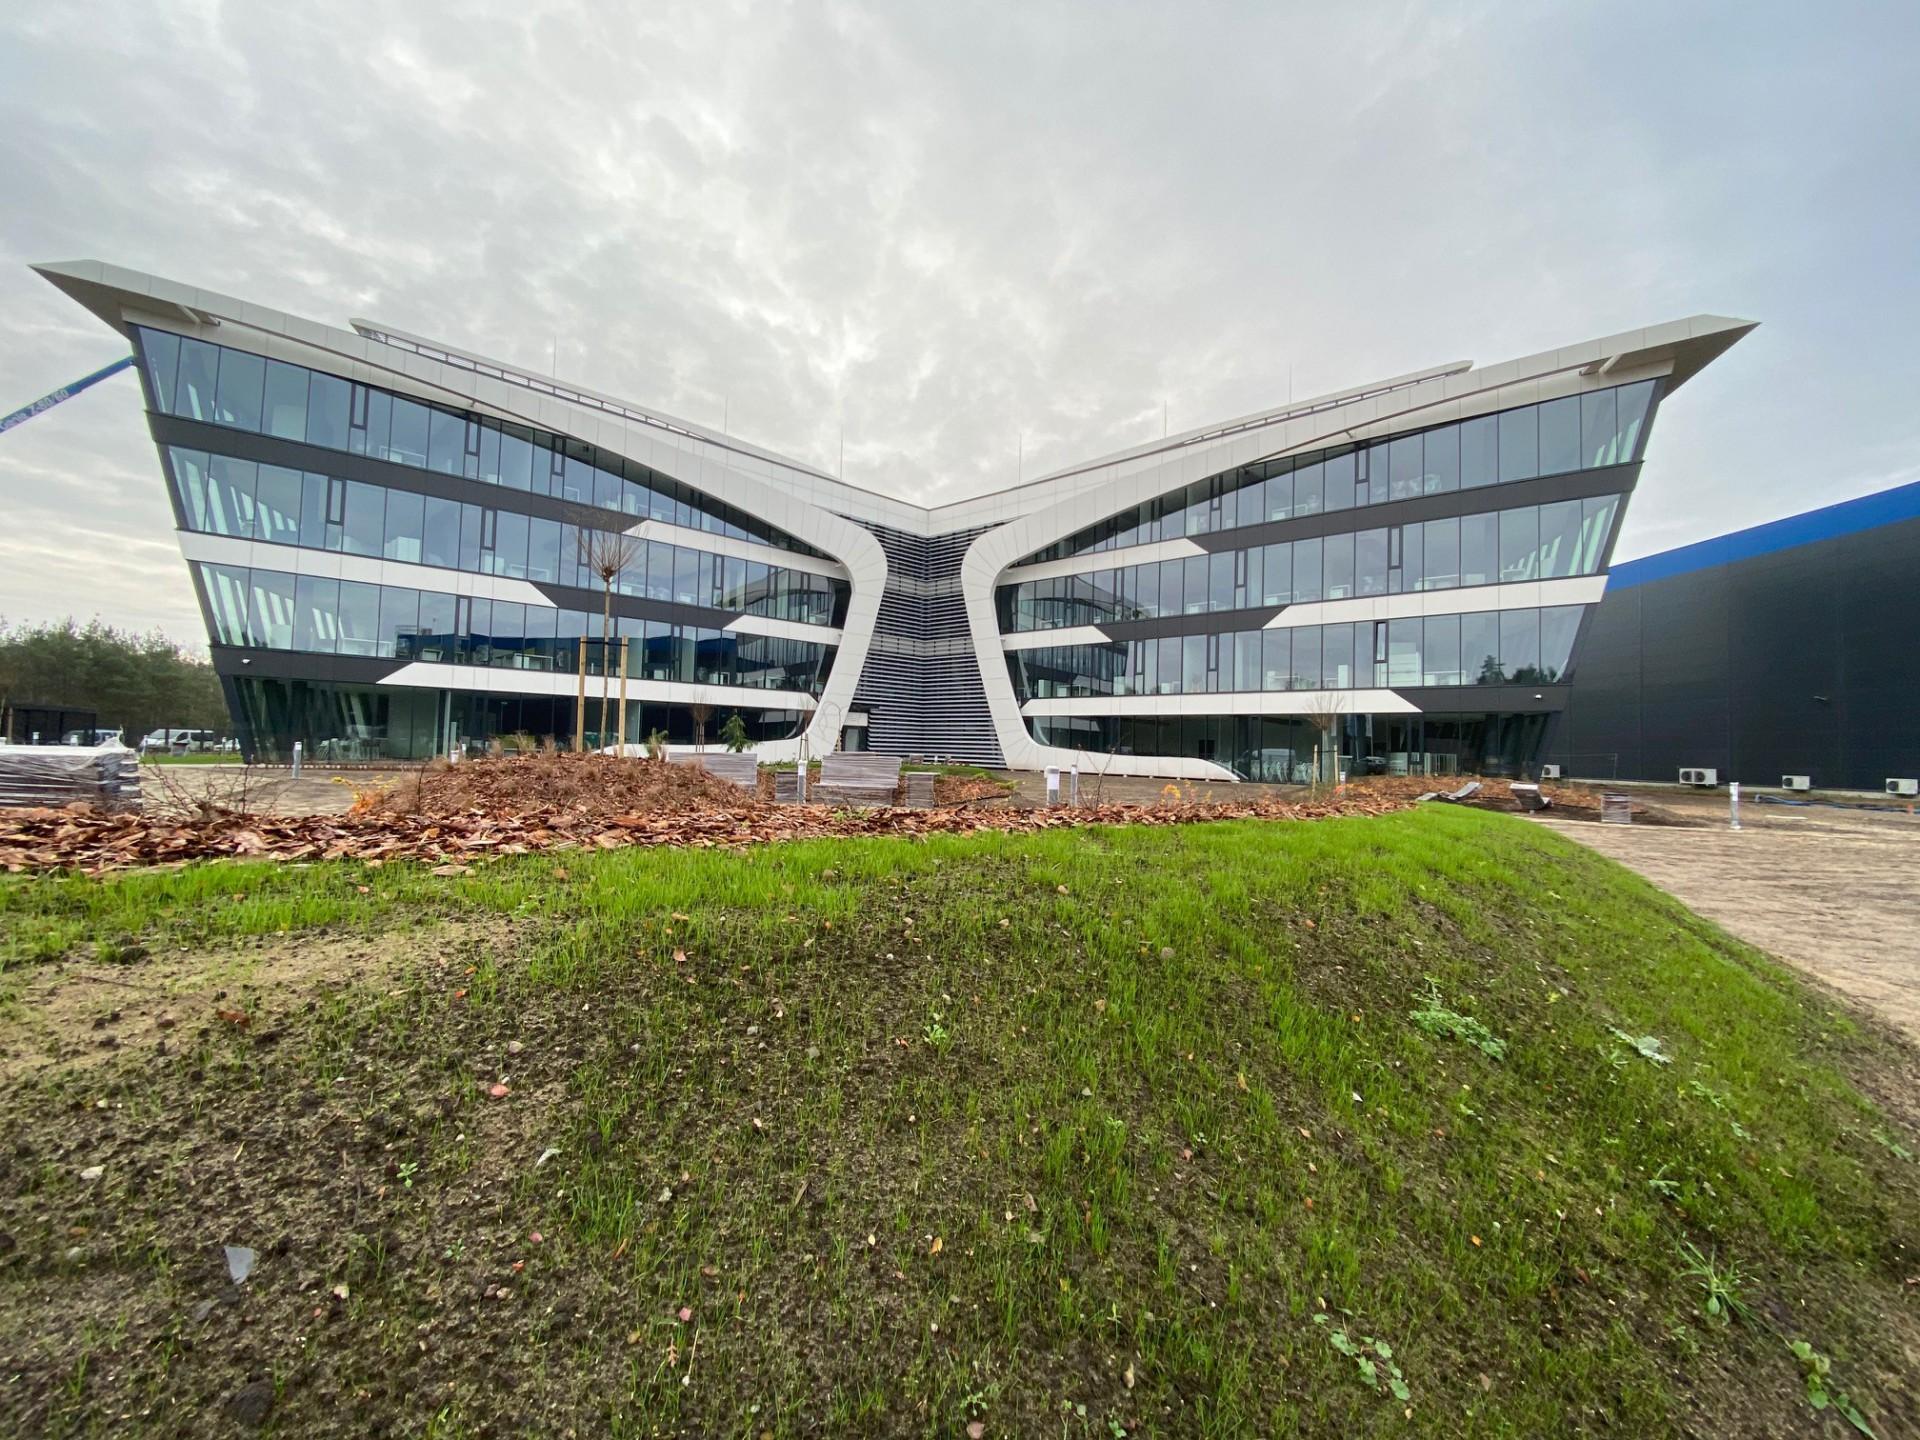 Budowa Nowej Centrali Neuca – III etap inwestycji